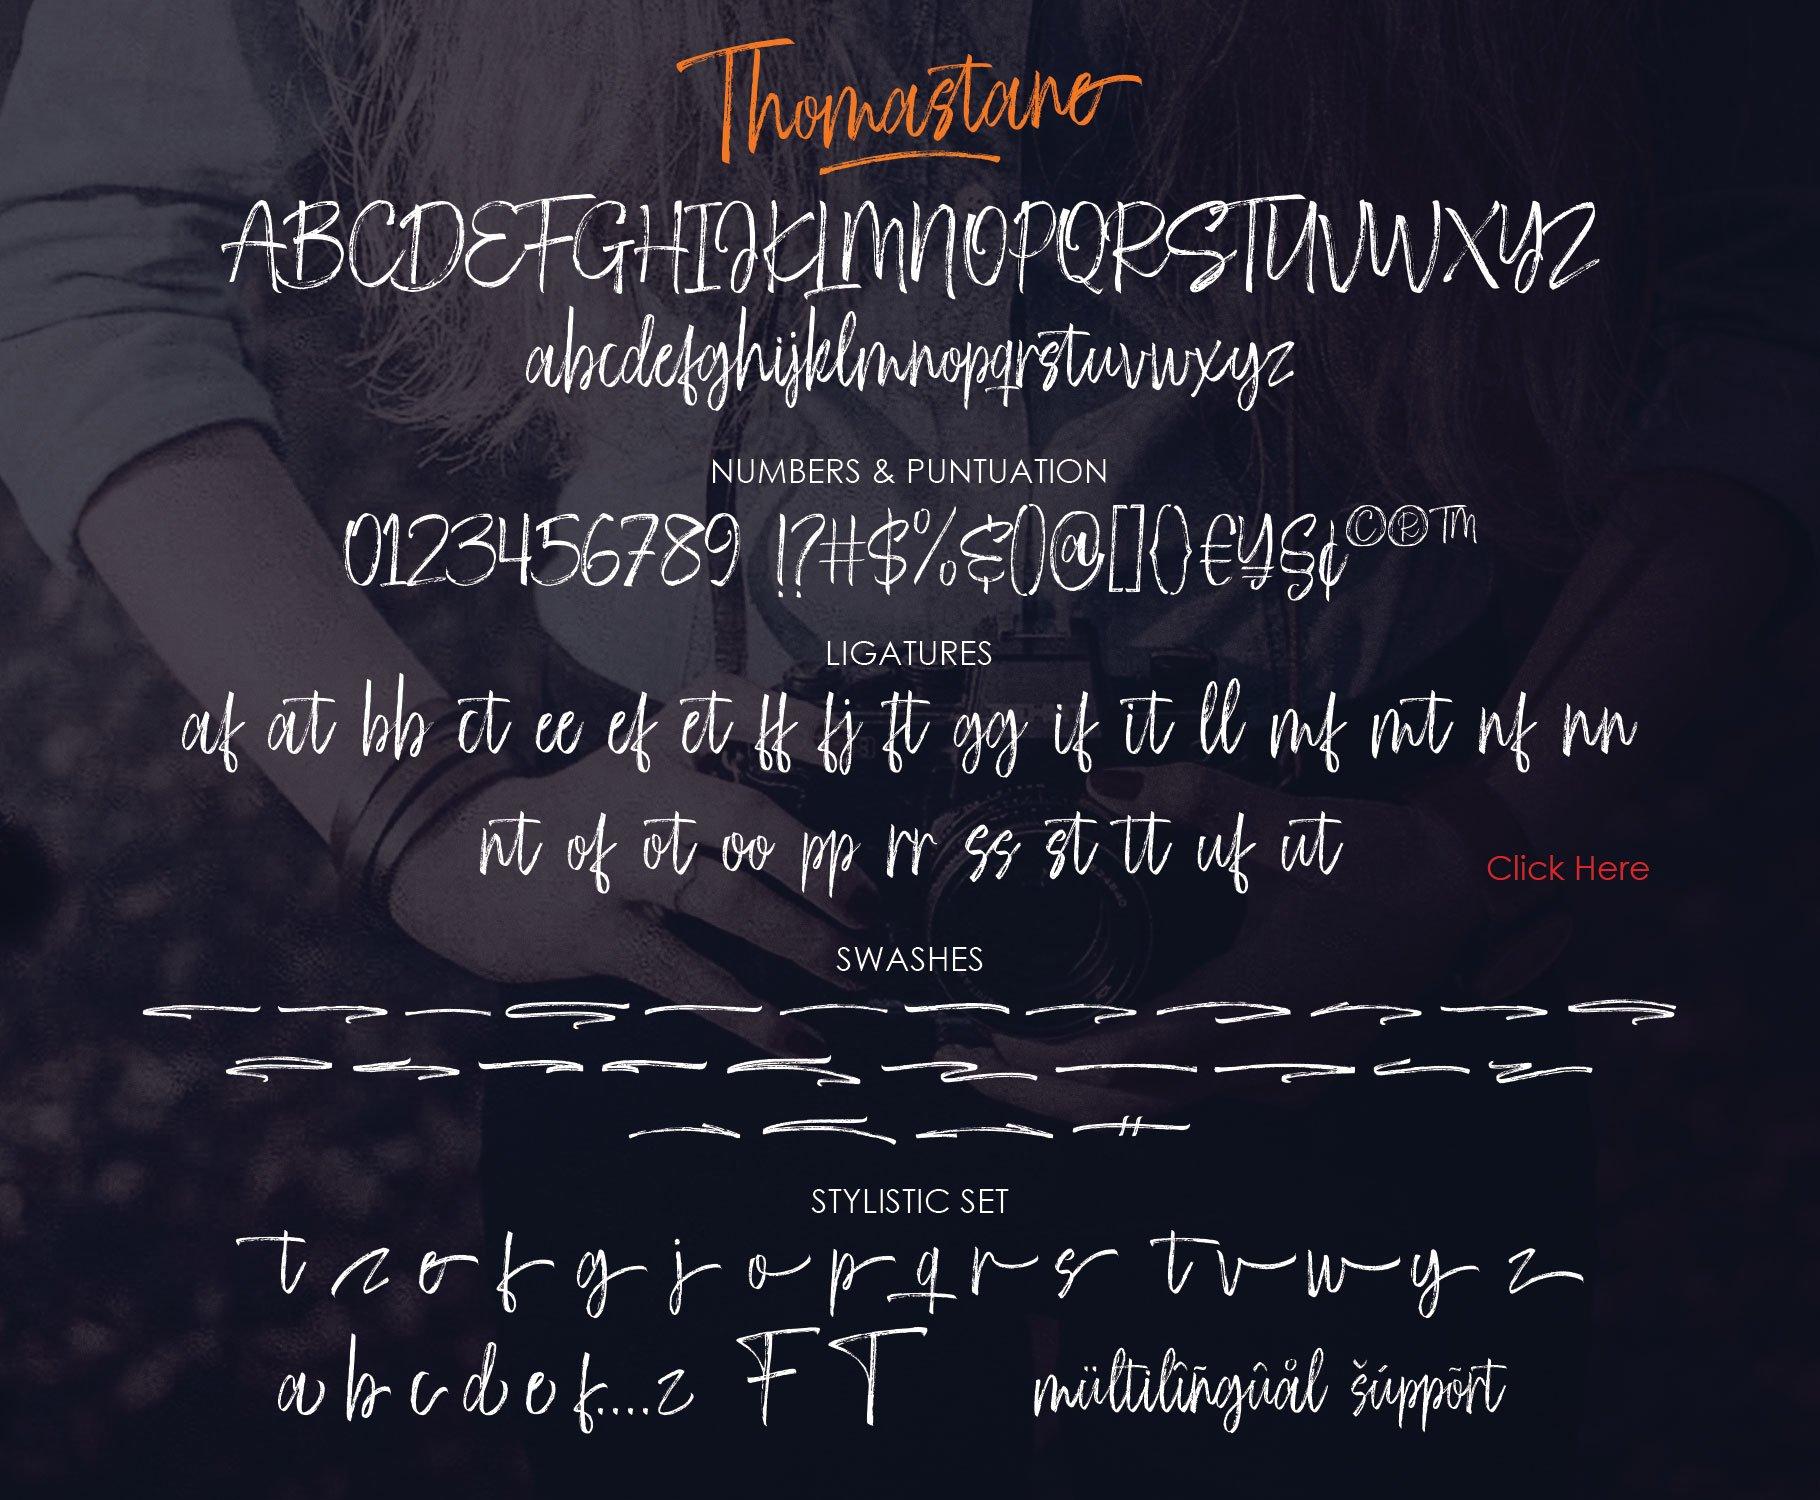 Thomastane Font example image 14